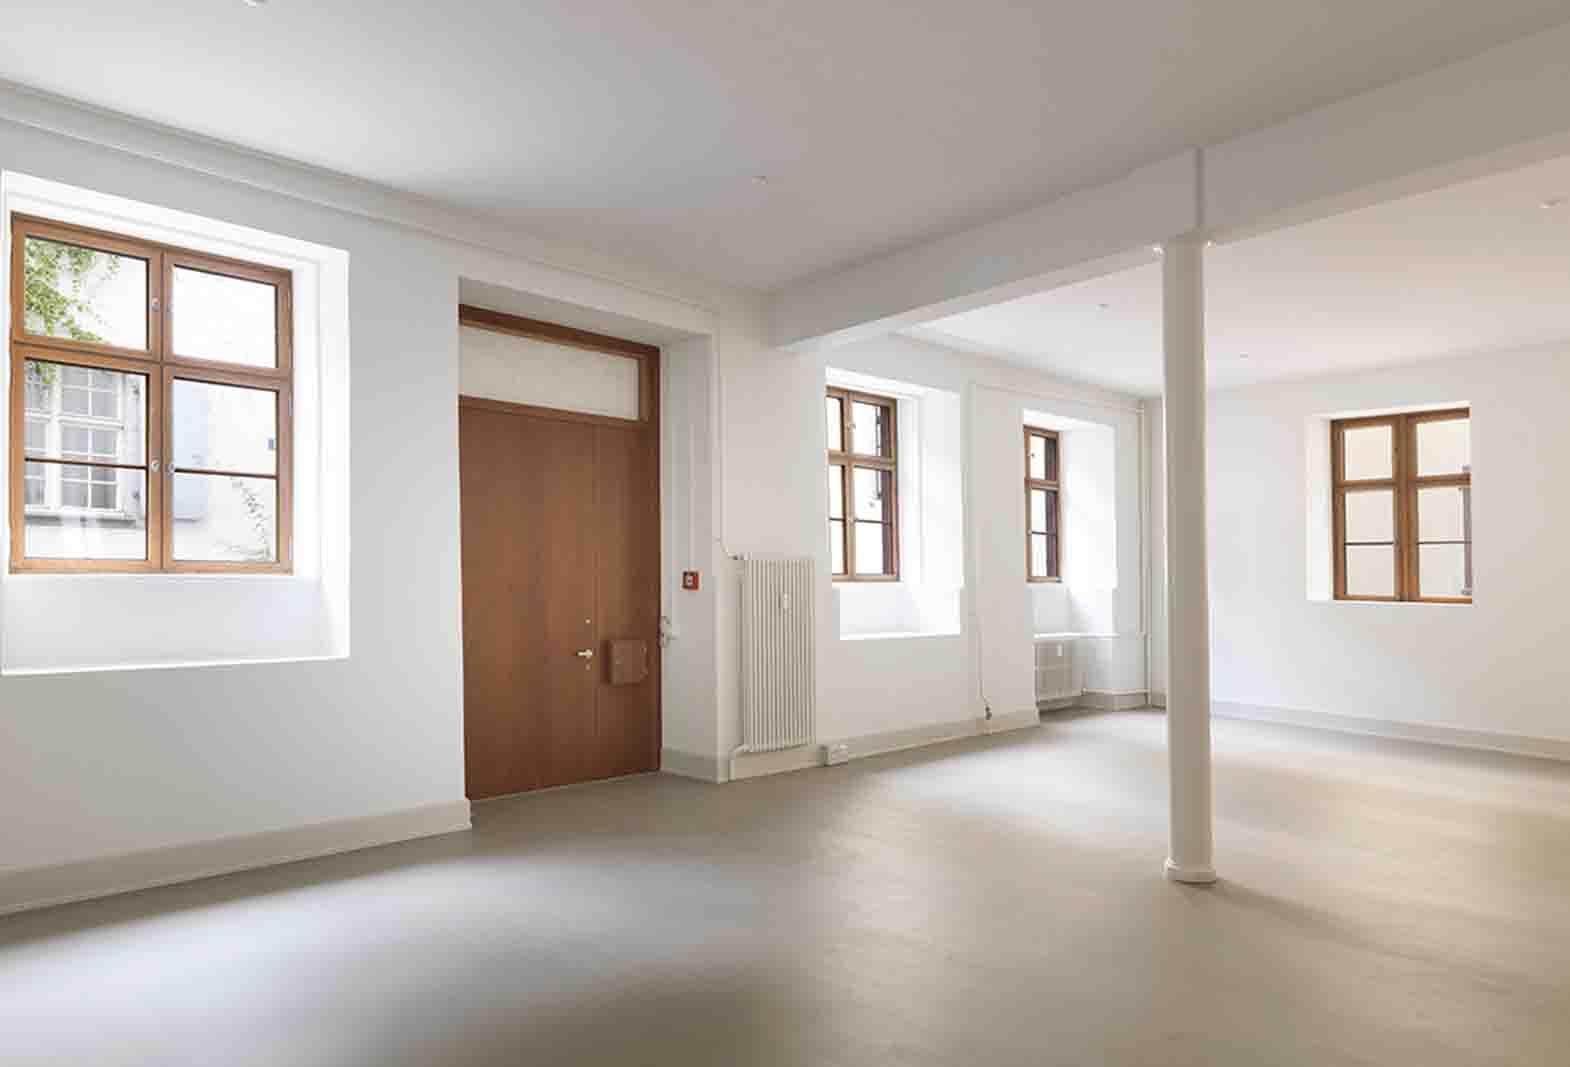 Basel Staffelberg Terrazzo ROWODECO Zementspachtelbelag